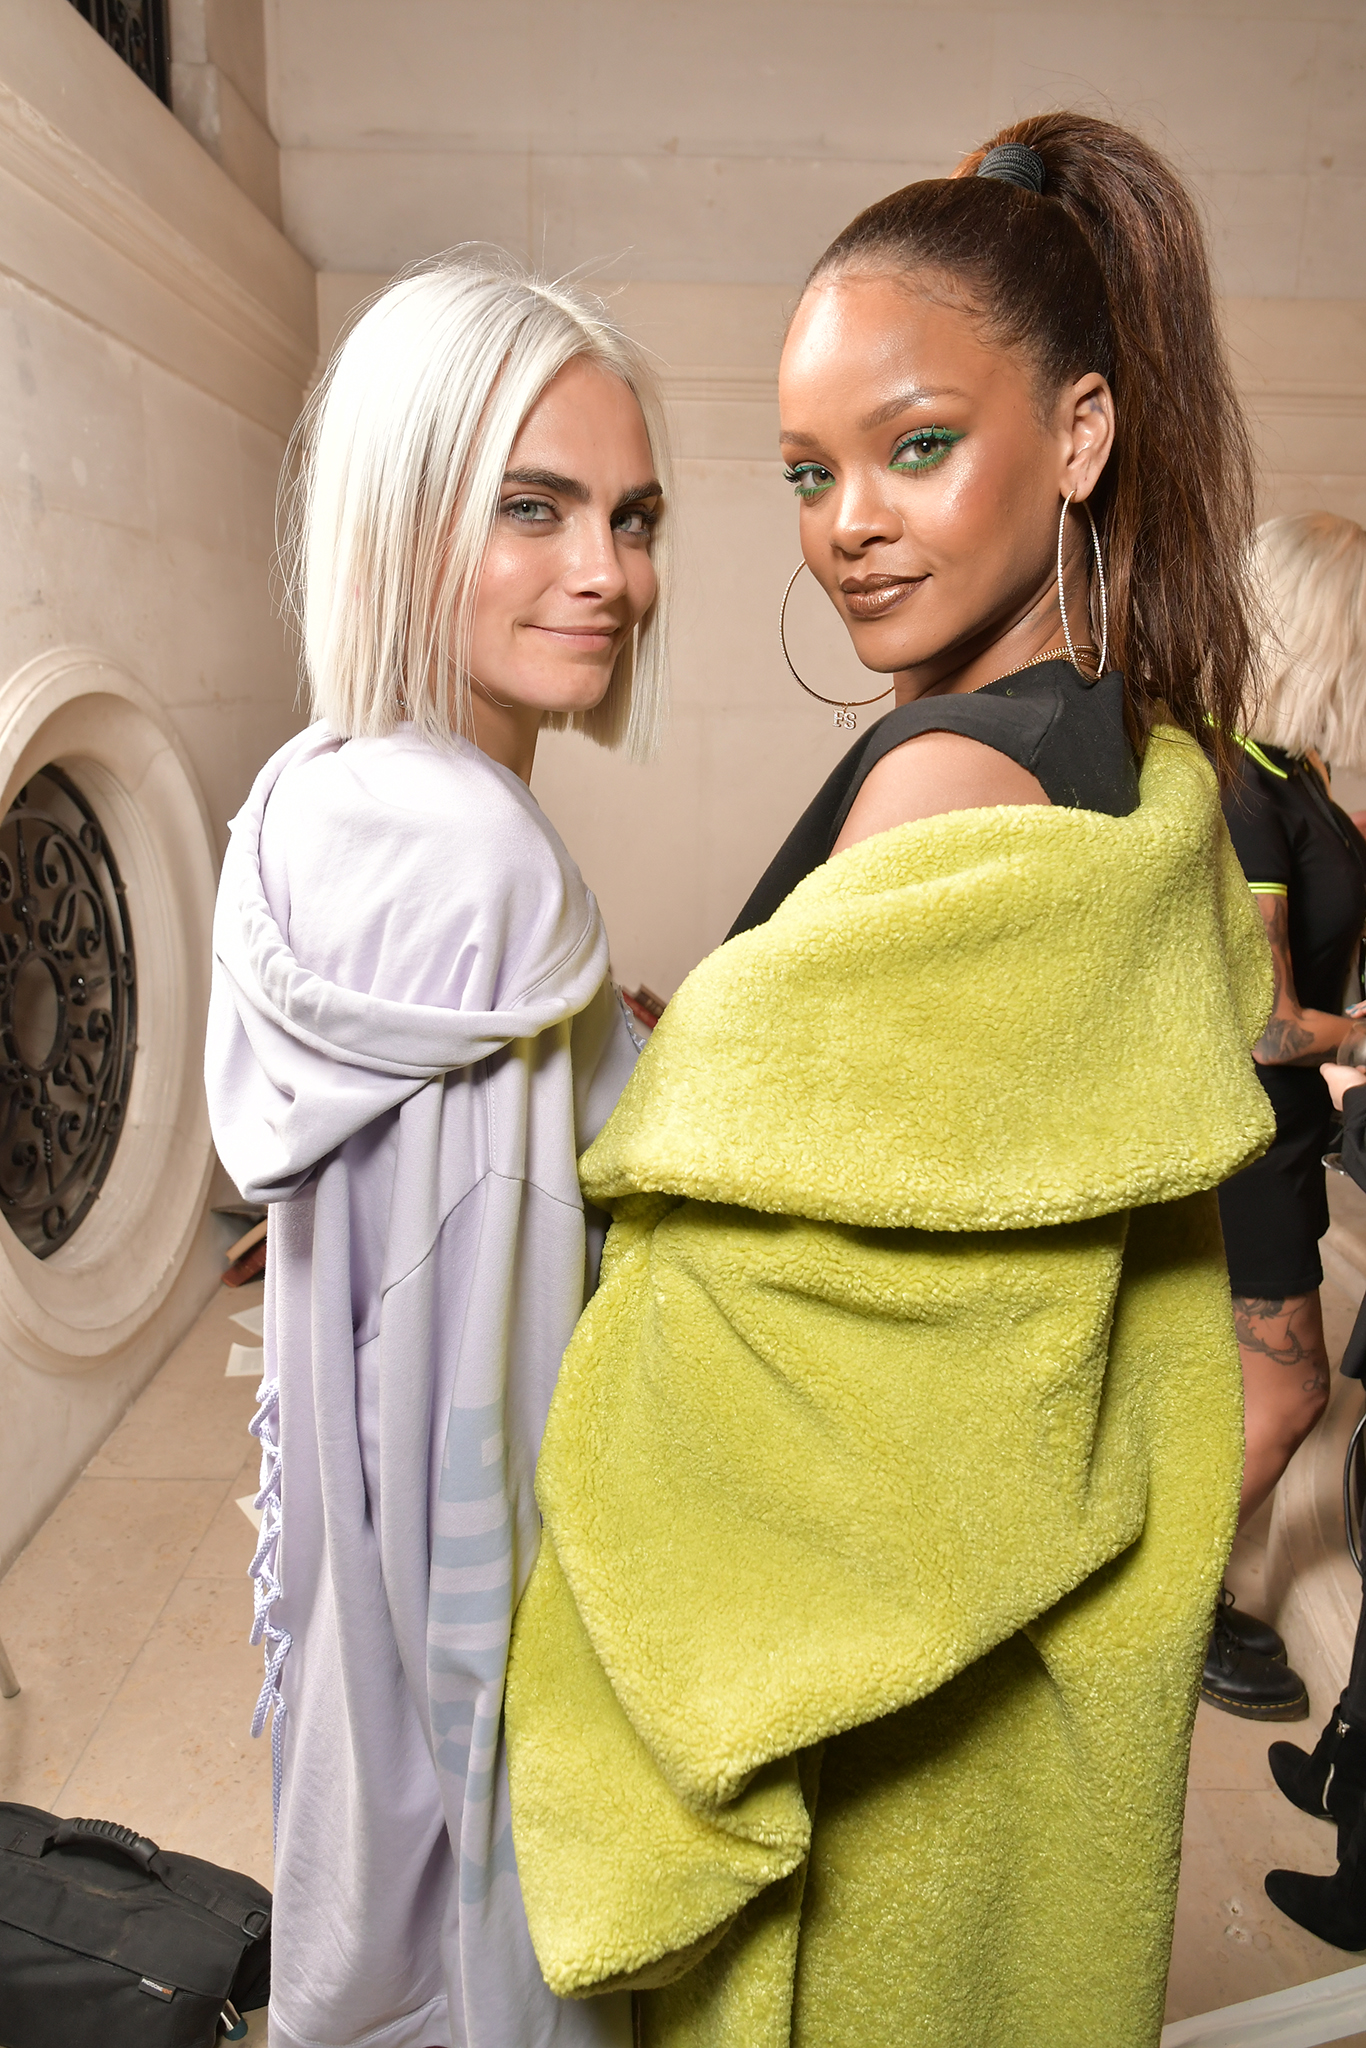 Cara Delevingne and Rihanna